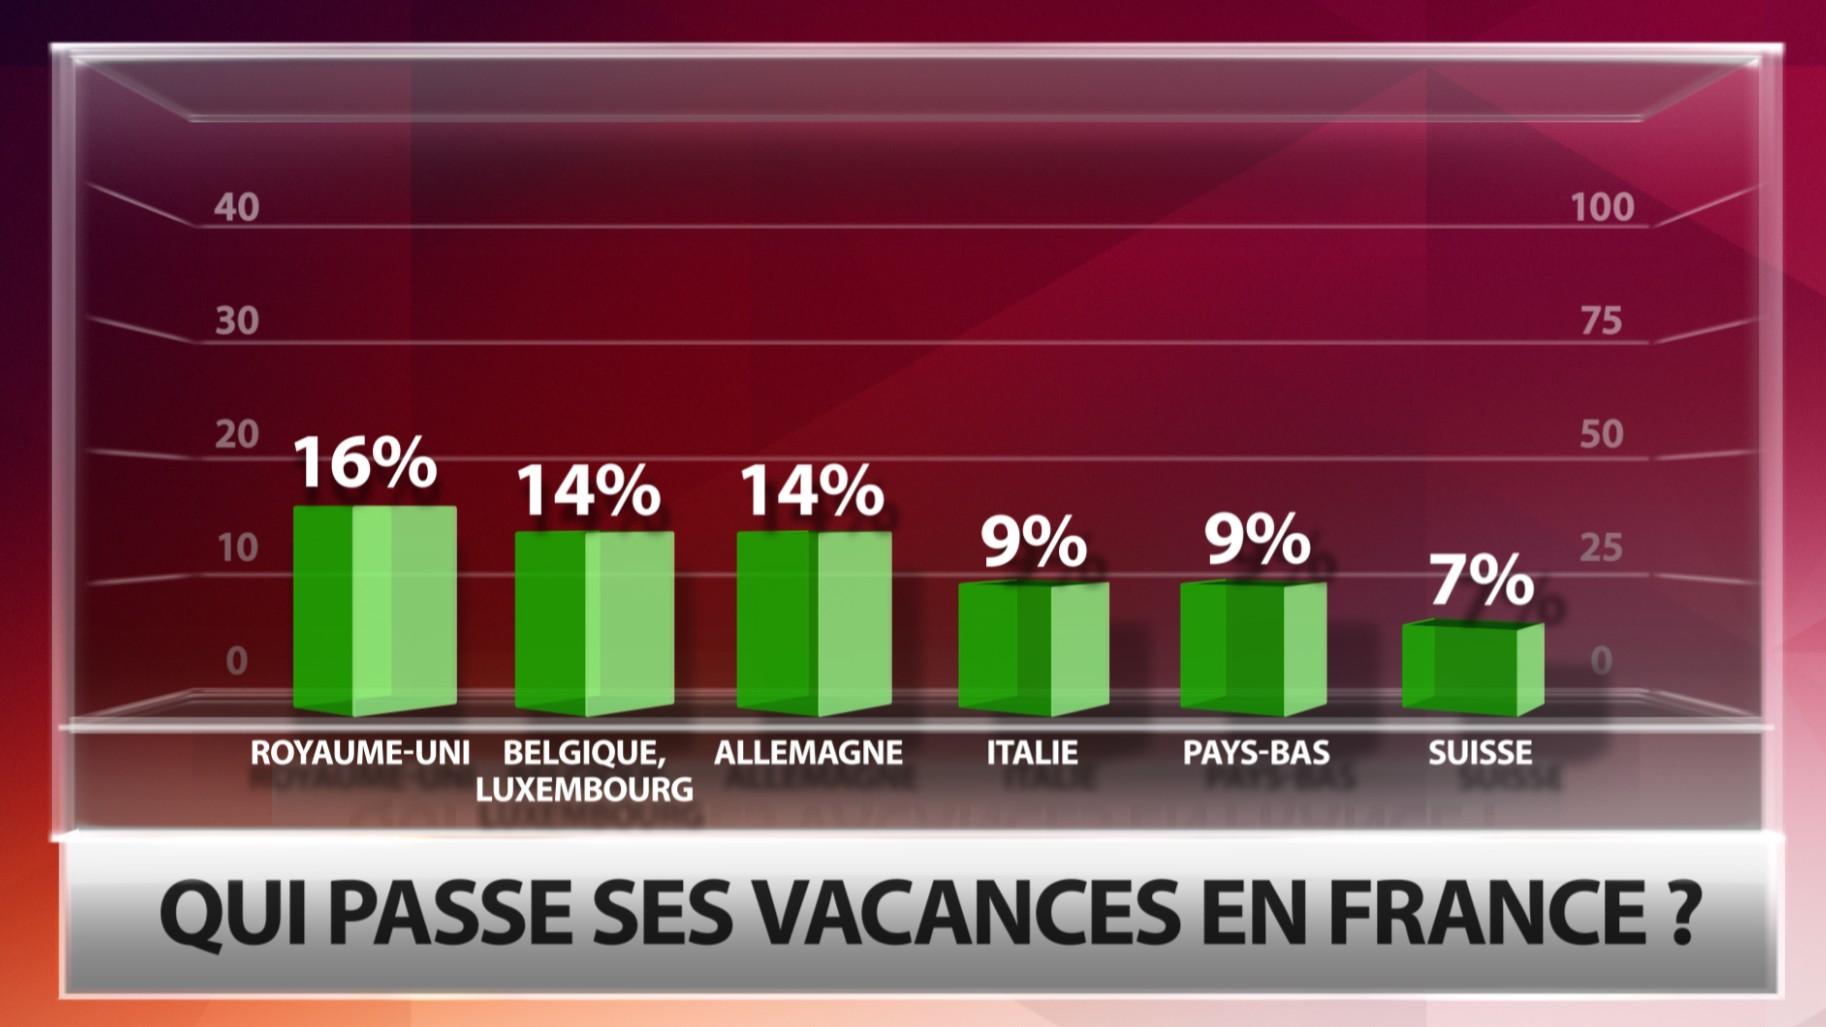 Les élections au Royaume-Uni : qu'est-ce qu'elles changent pour la France ?